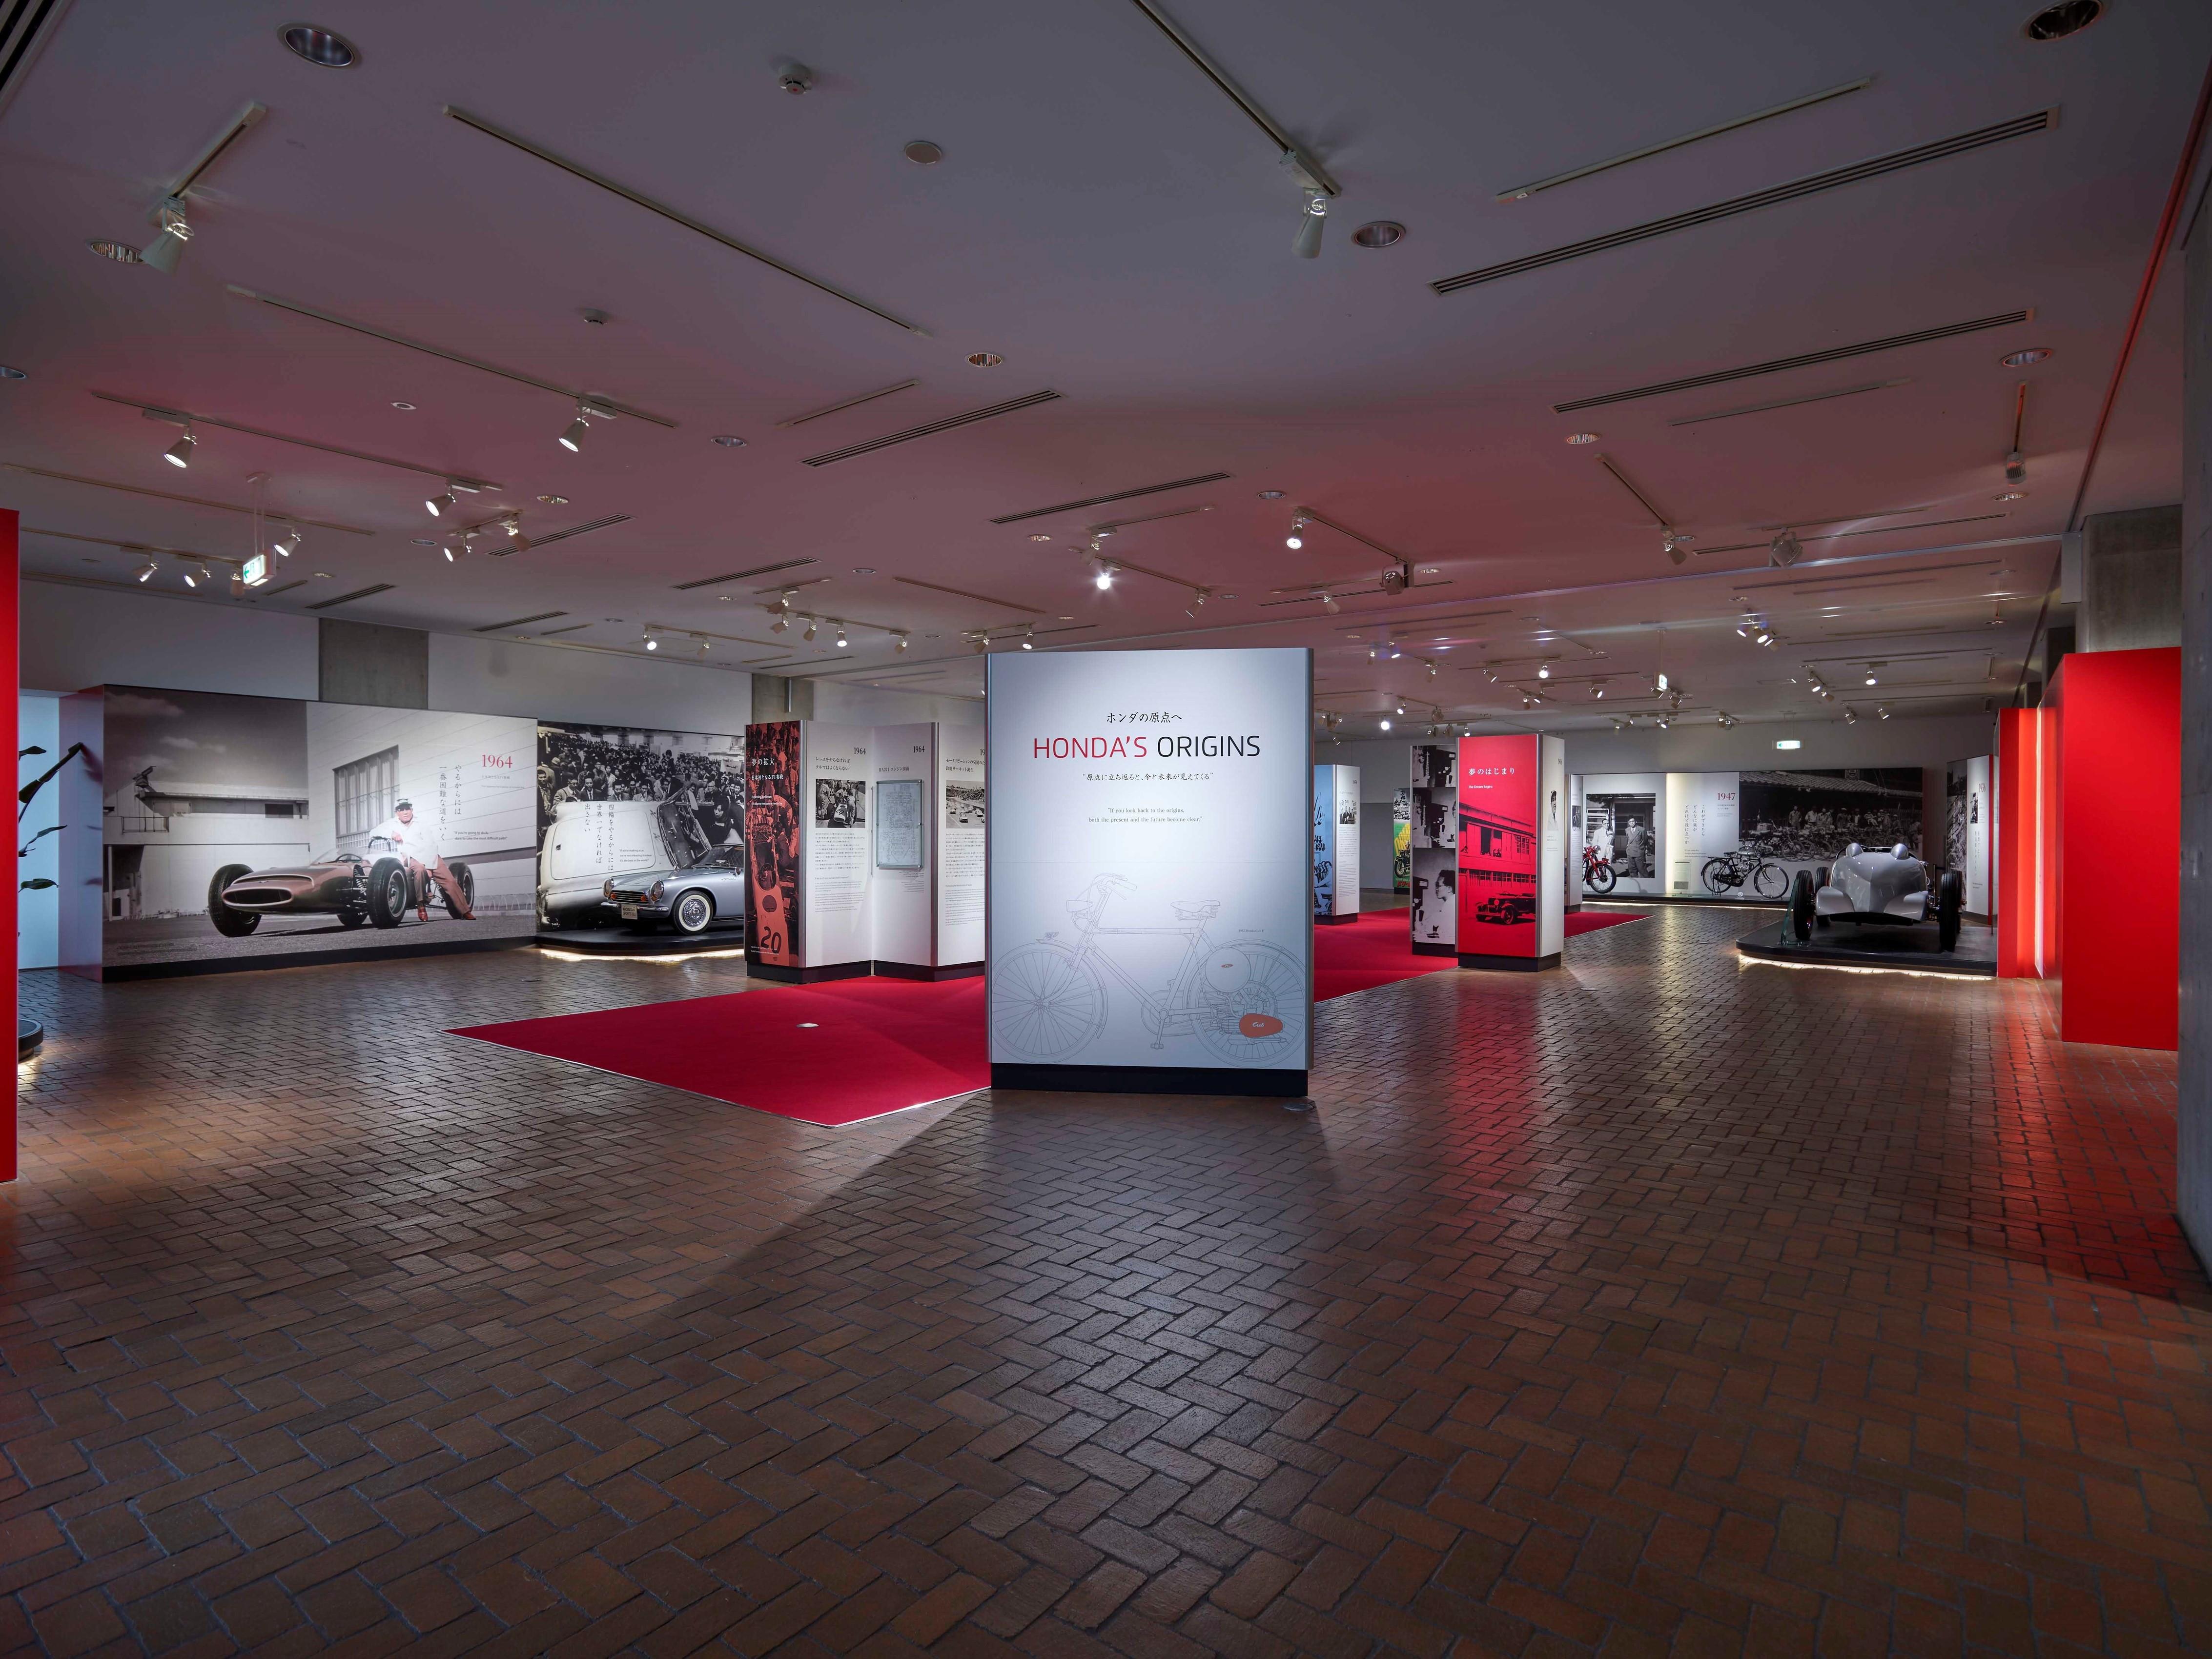 Il tour racconta la gloriosa storia di Honda attraverso un'esclusiva collezione di auto, moto e prodotti power. Sono oltre 300 i modelli presenti nella Honda Collection Hall di Motegi e ammirabili anche da casa grazie a una passeggiata viertuale a 360°. Presenti veicoli leggendari, come la T360, la prima auto prodotta da Honda, o la RA271, la prima monoposto di F1 sviluppata dalla Casa giapponese.